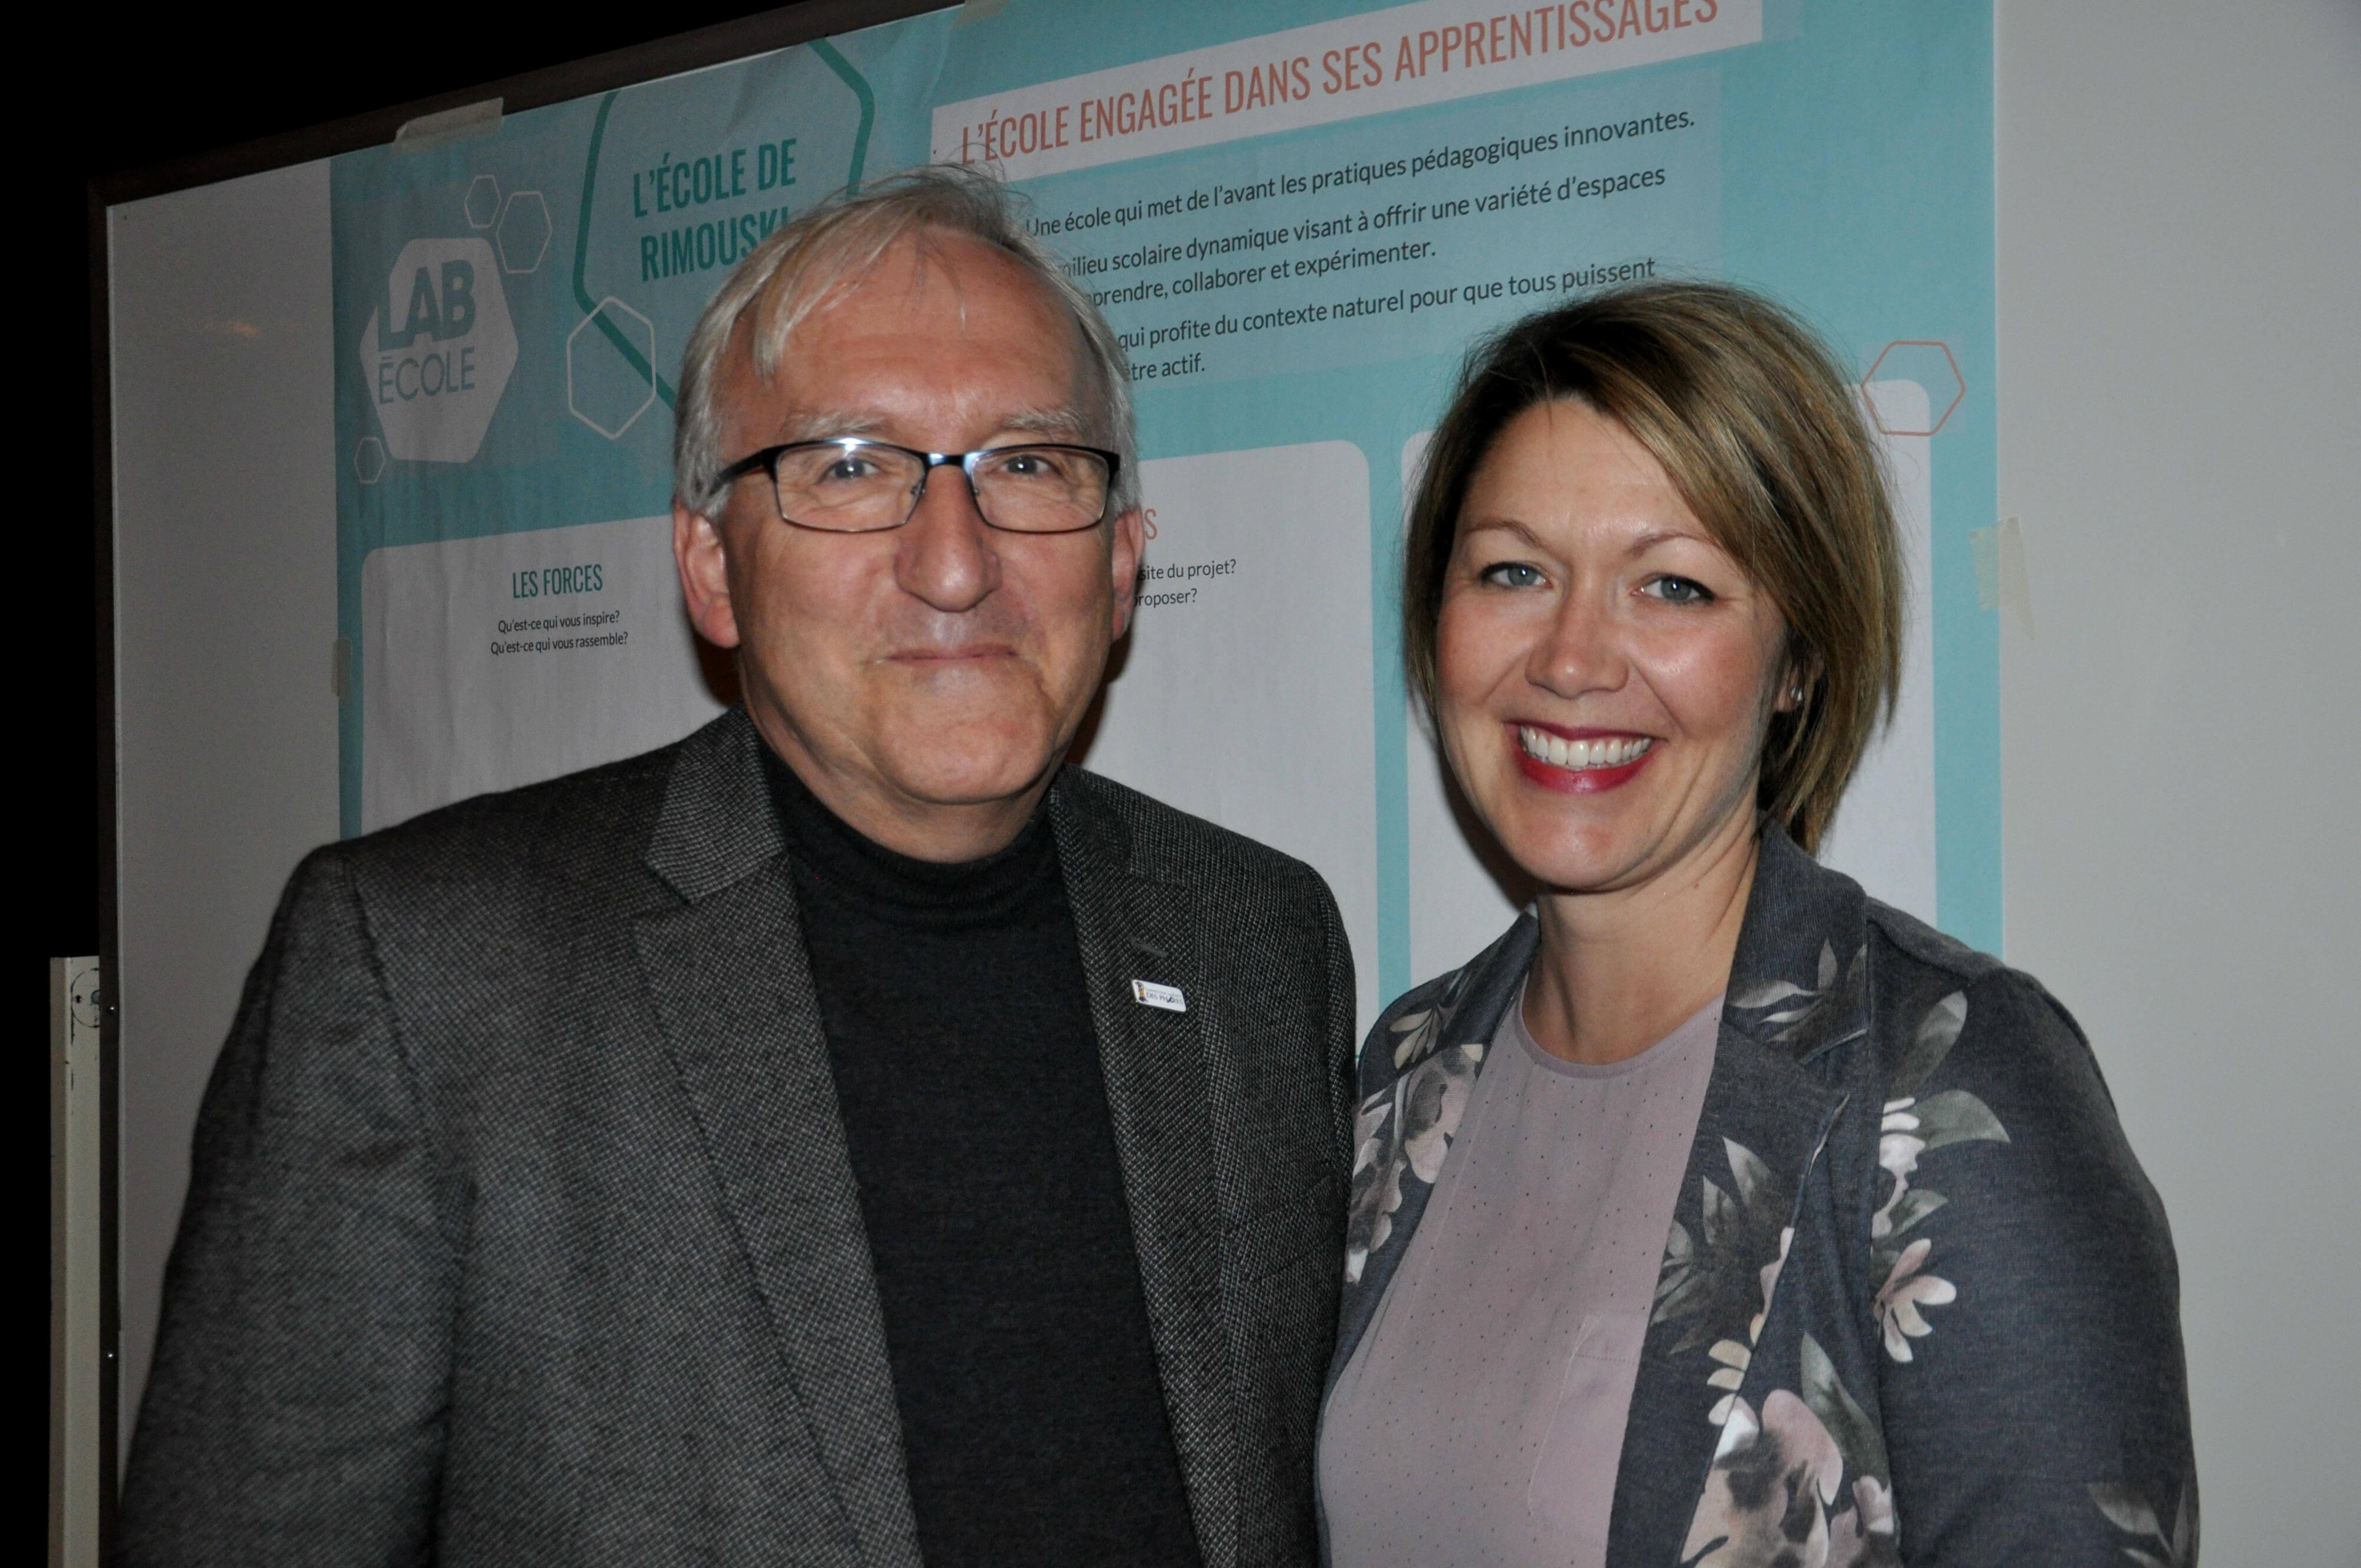 Gaston Rioux et la future directrice de la nouvelle école, Marie-Hélène Gagné.